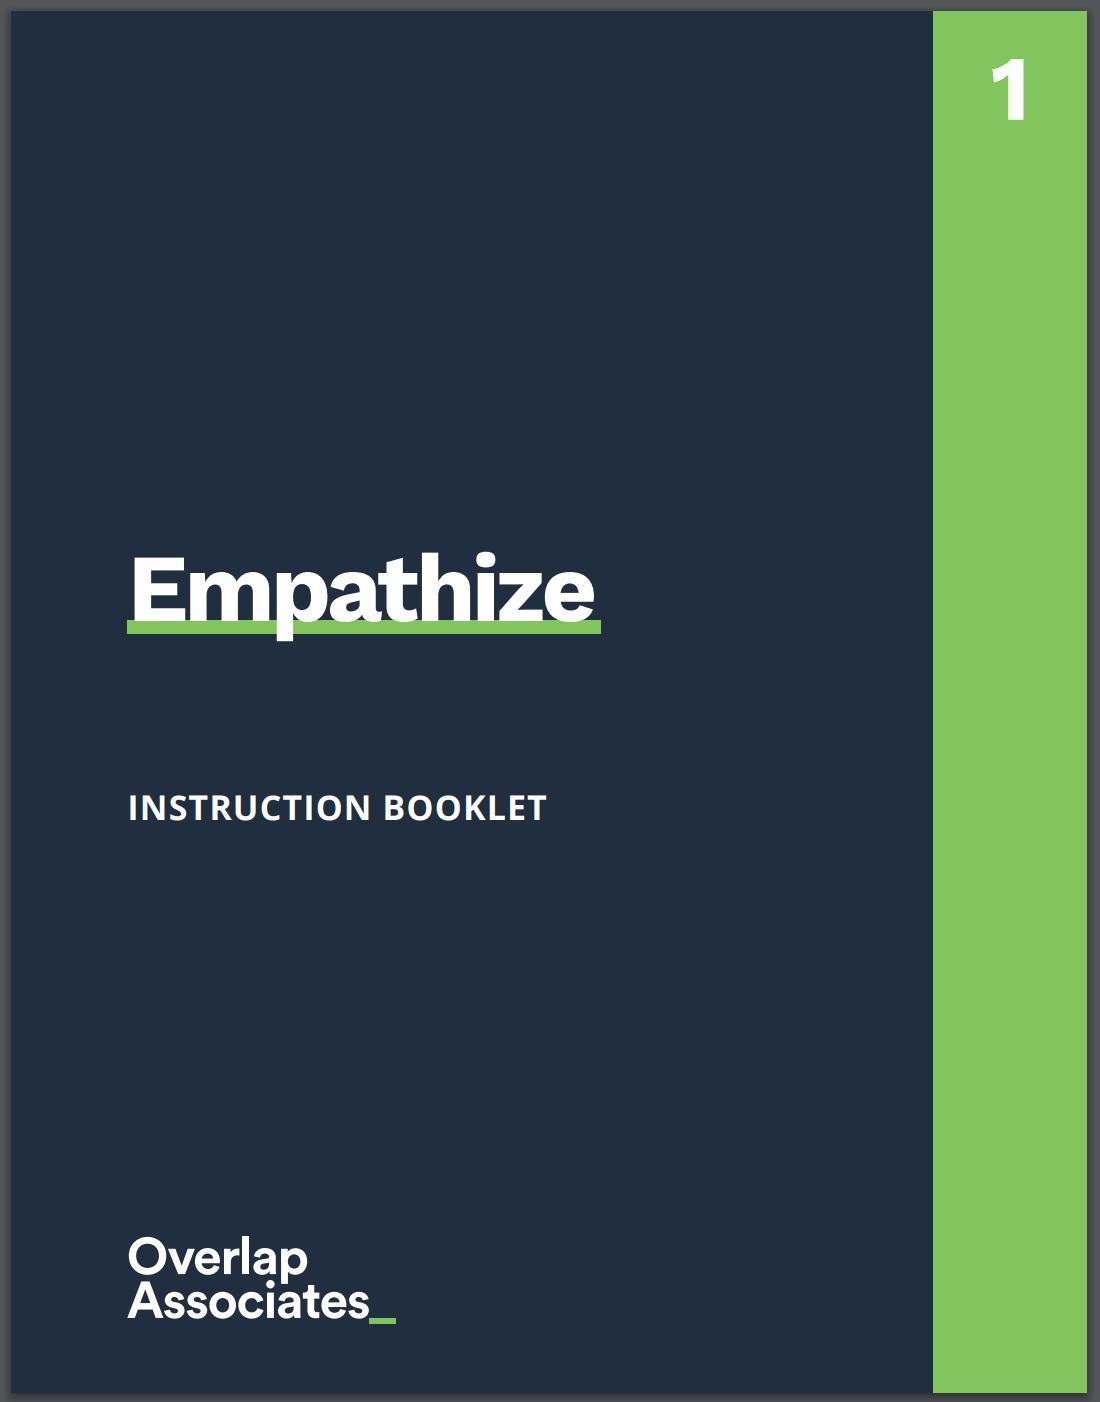 Empathize_Booklet.png